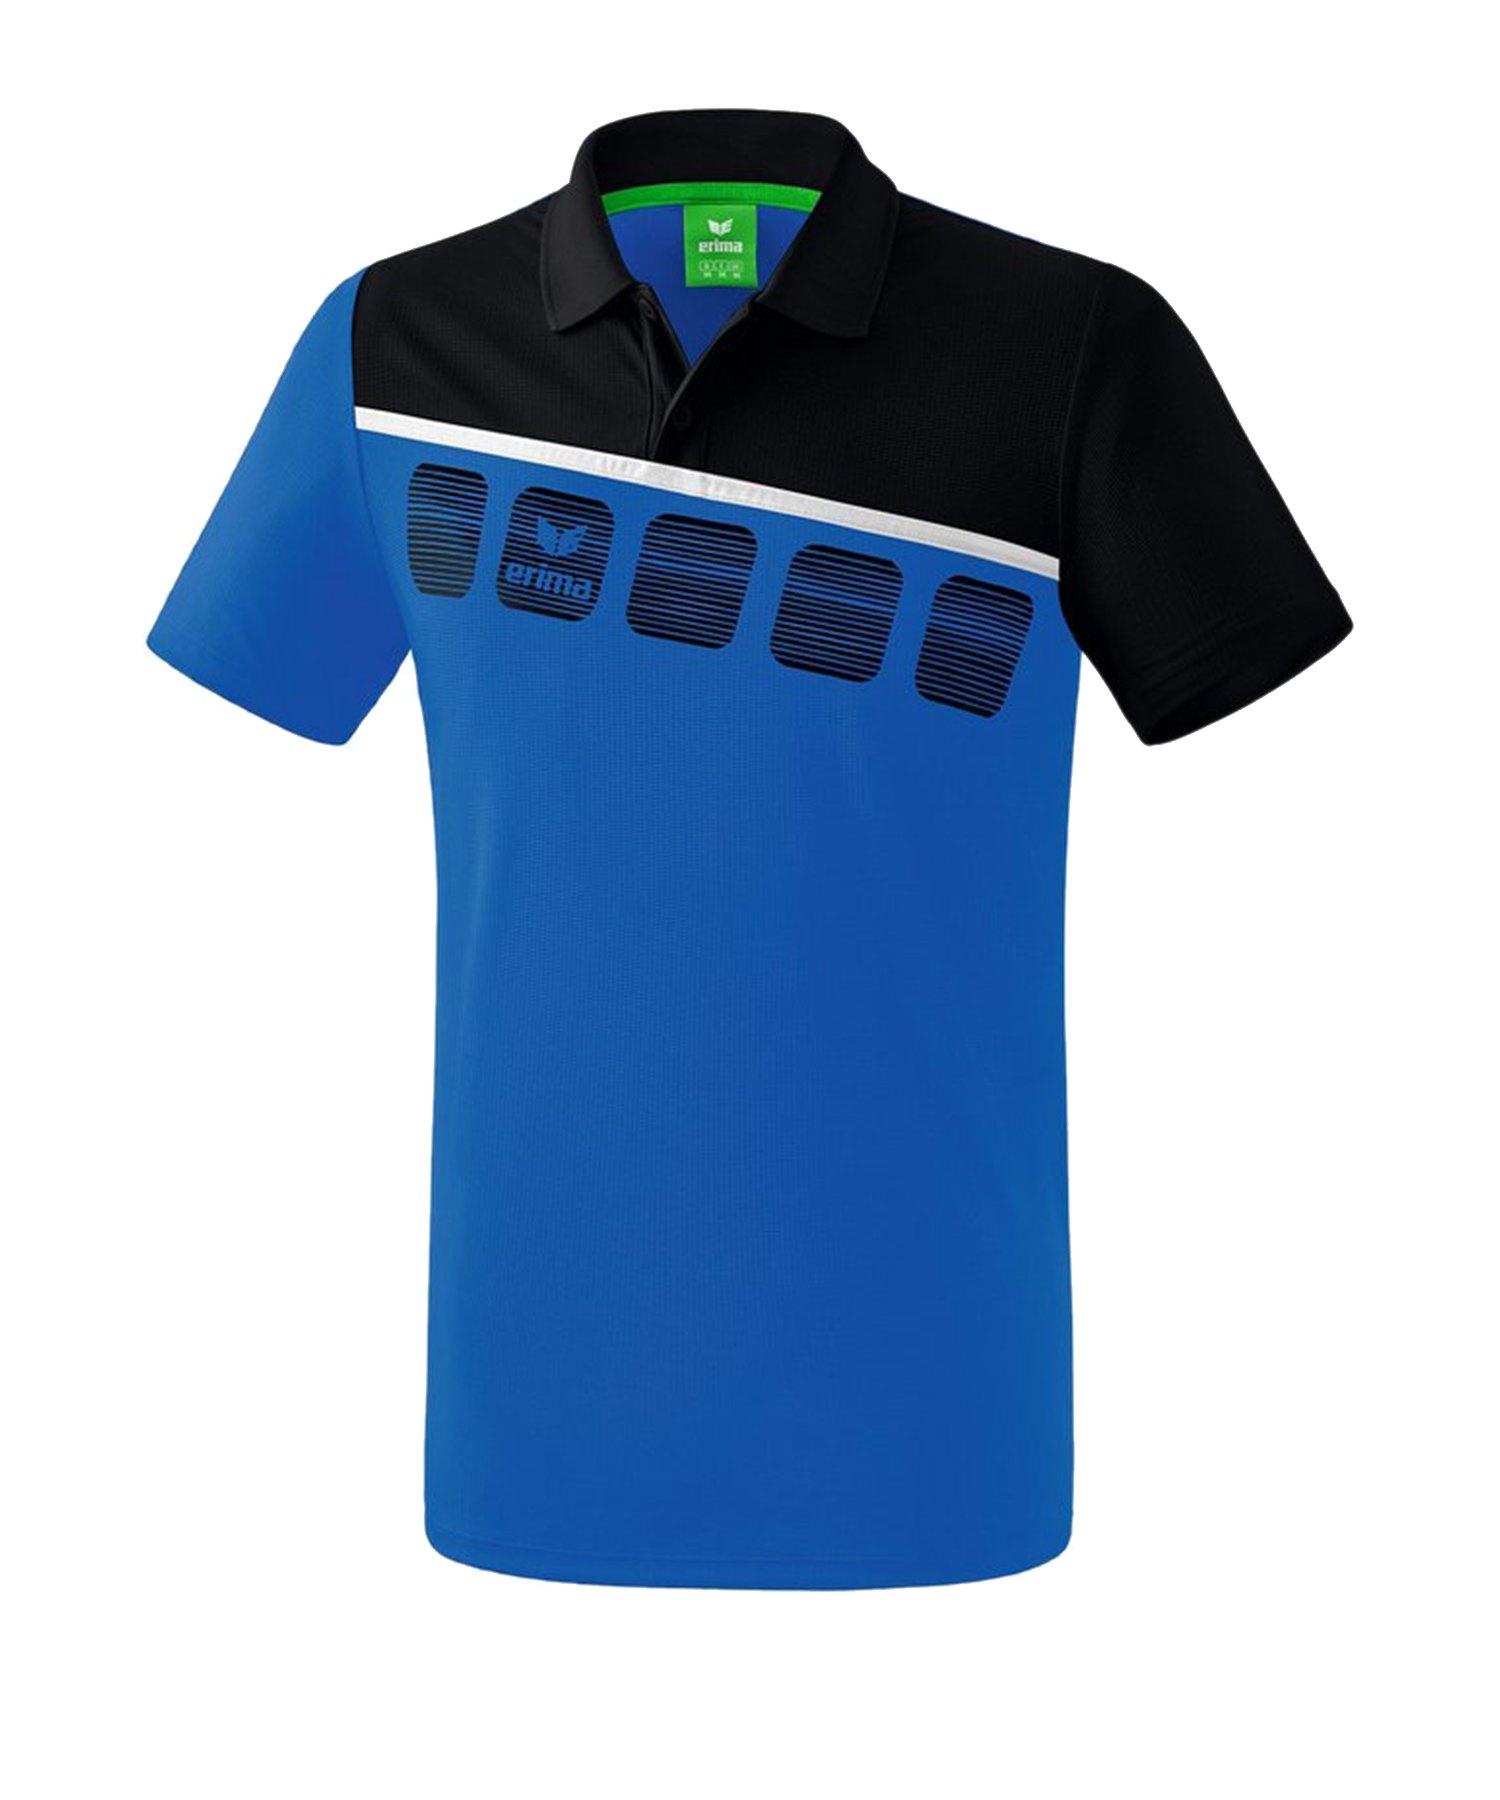 Erima 5-C Poloshirt Blau Schwarz - Blau